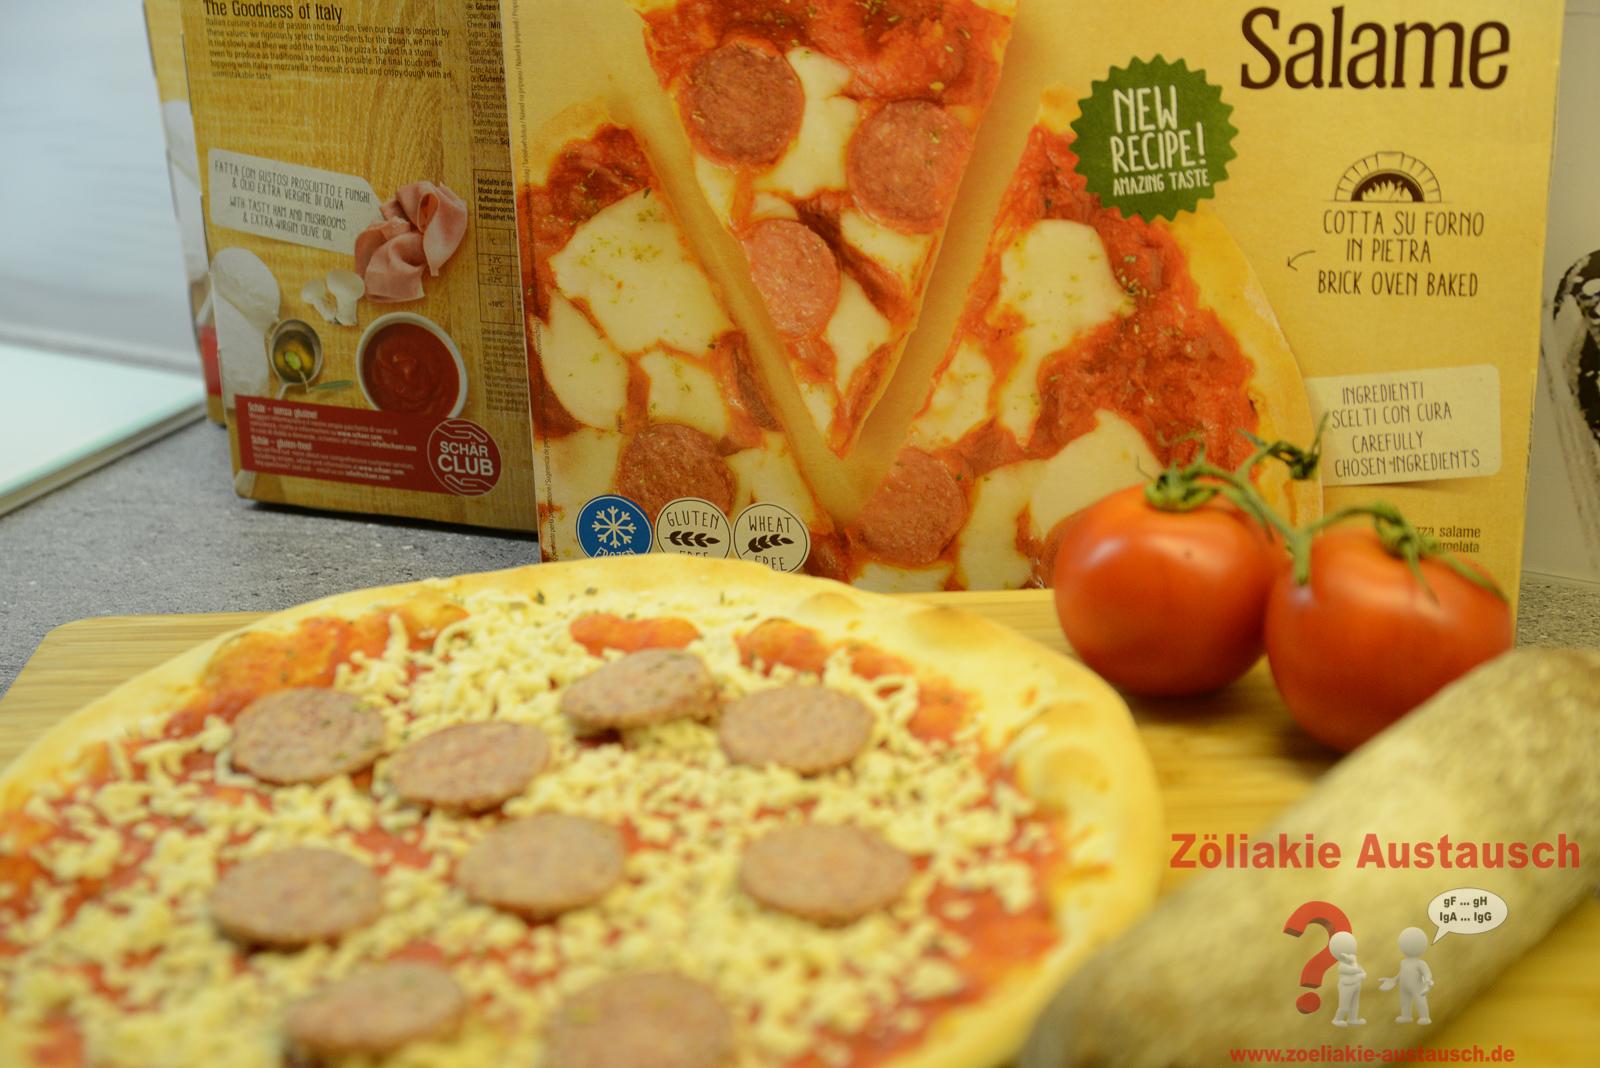 Schaer_Pizza-Zoeliakie_Austausch_014